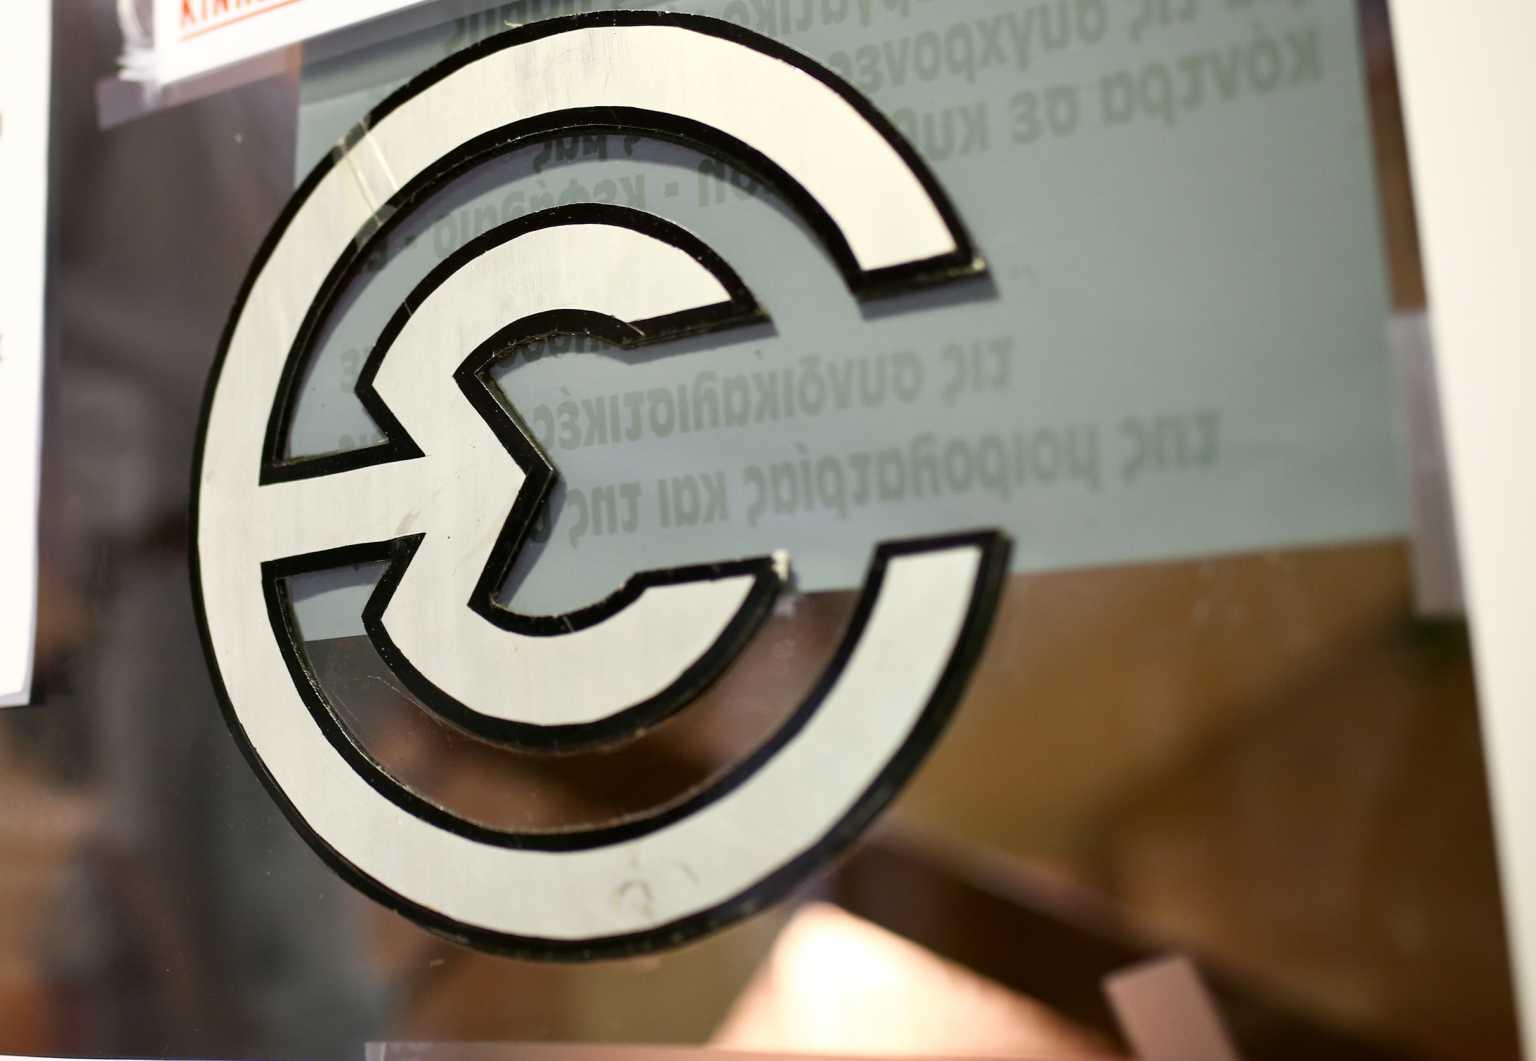 ΕΣΗΕΑ: Κατέθεσε μηνυτήρια αναφορά για τις πλαστές ταυτότητες